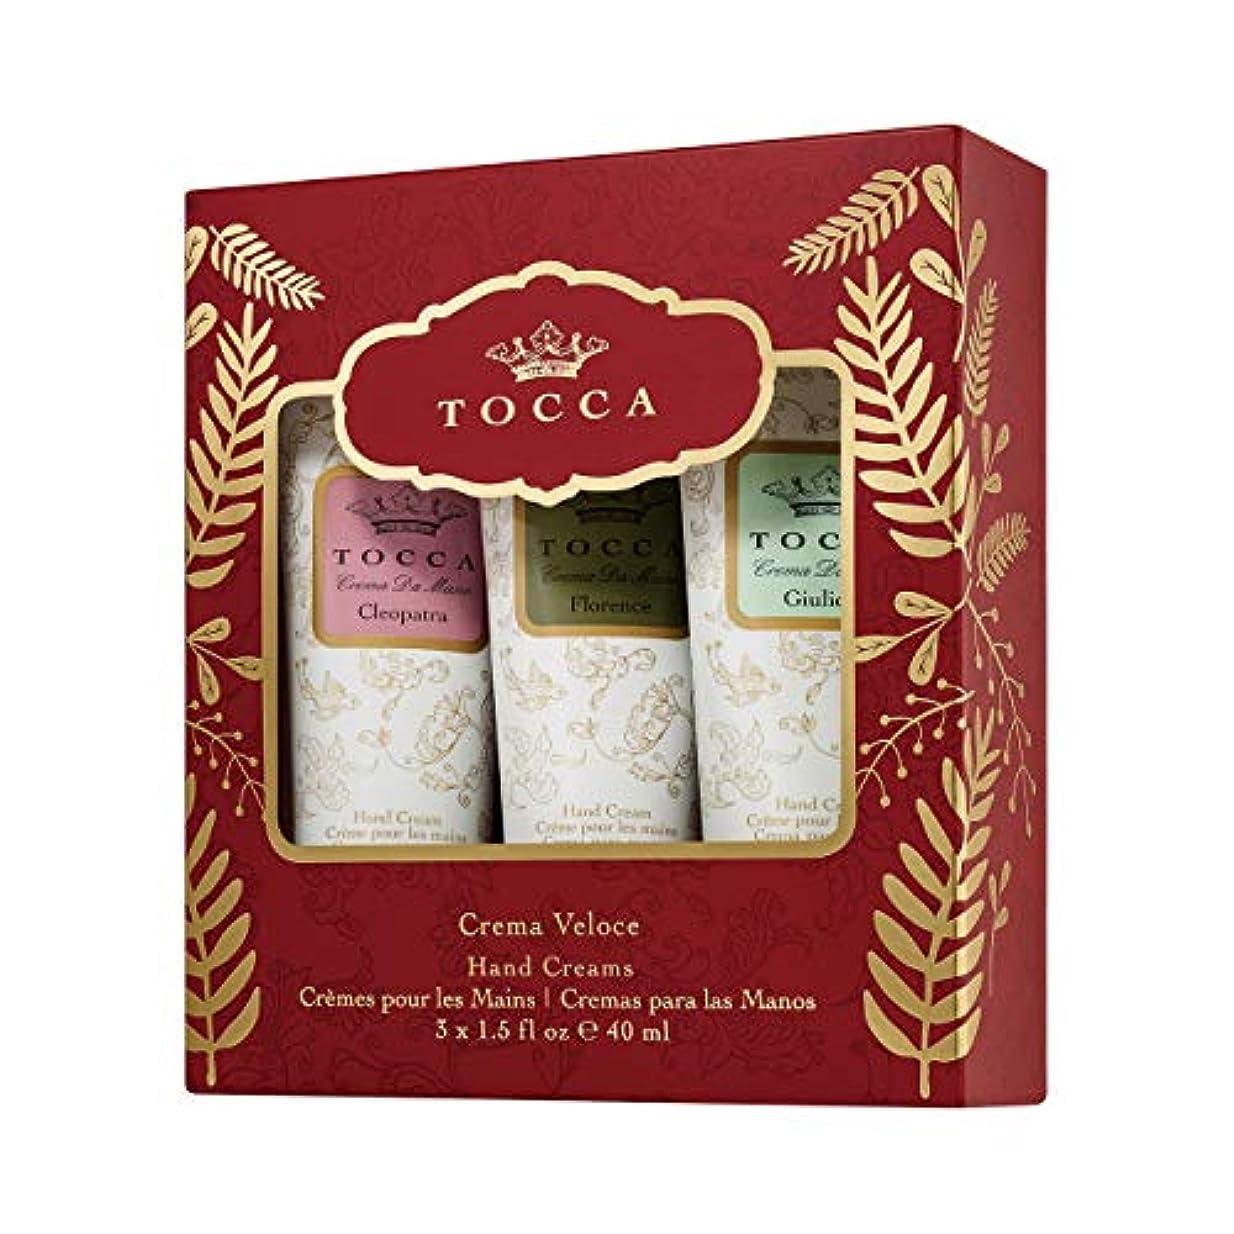 領事館マザーランド敬の念TOCCA クレマヴェローチェパルマ ハンドクリーム3本入った贅沢な贈り物(手指保湿?小分けギフト)